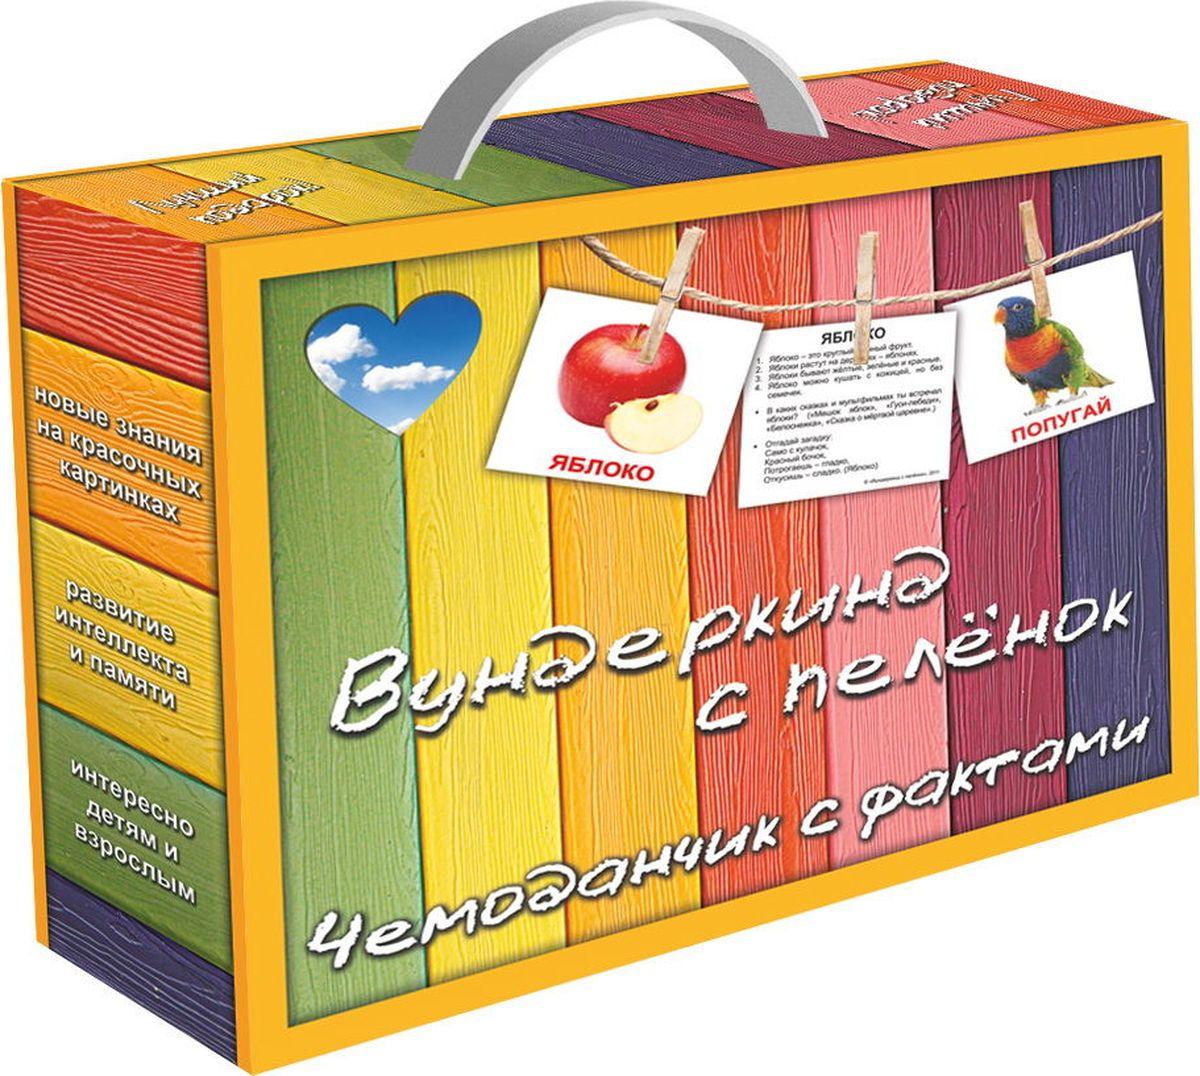 Вундеркинд с пеленок Обучающие карточки Чемоданчик с фактами набор обучающих карточек мини 40 numbers числа вундеркинд с пеленок